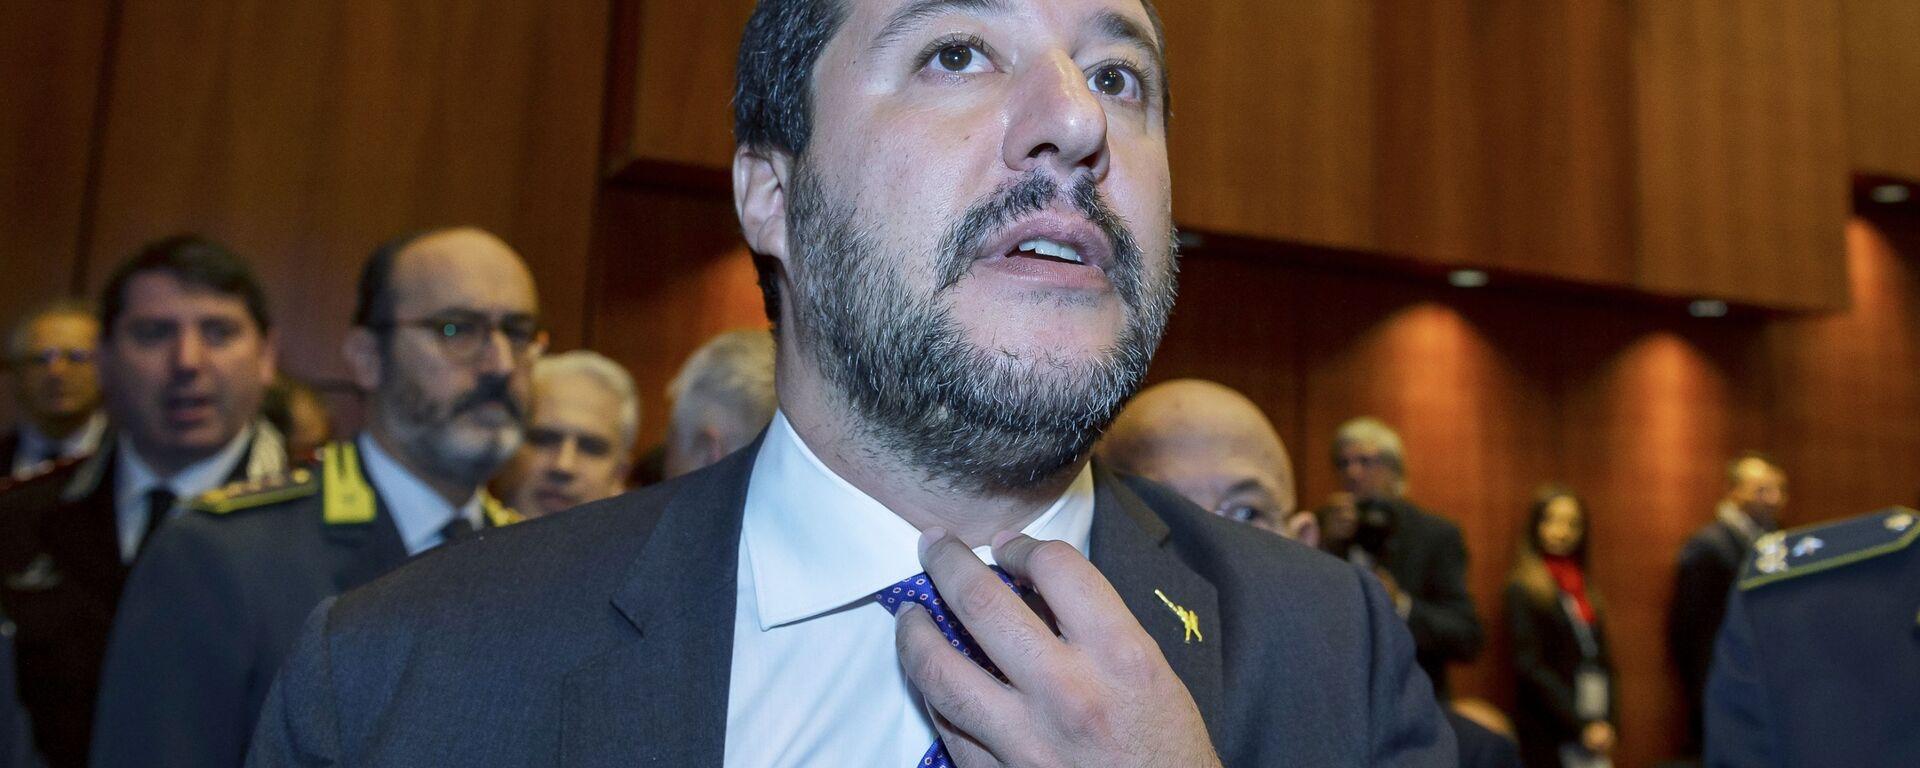 Matteo Salvini - Sputnik Italia, 1920, 02.08.2021